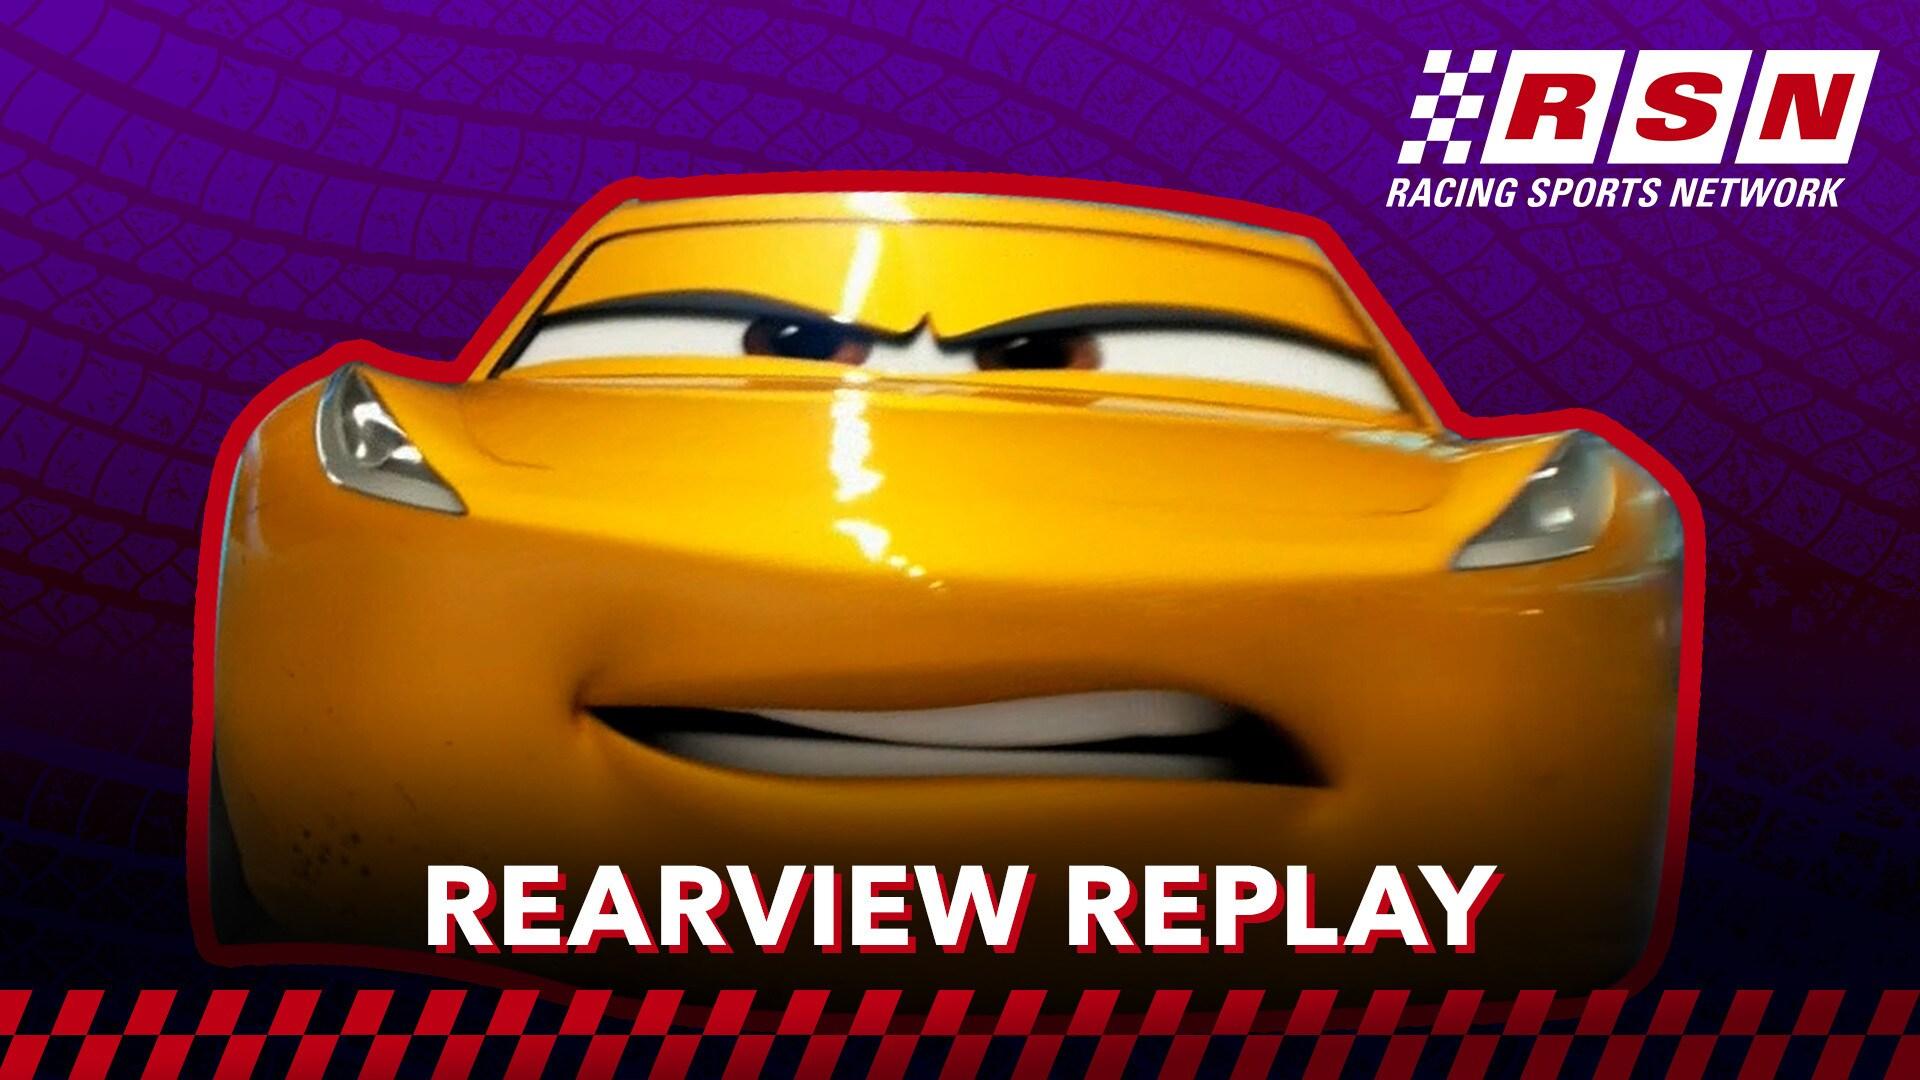 Rearview Replay: Cruz Ramirez's 360-Degree Flip | Racing Sports Network by Disney